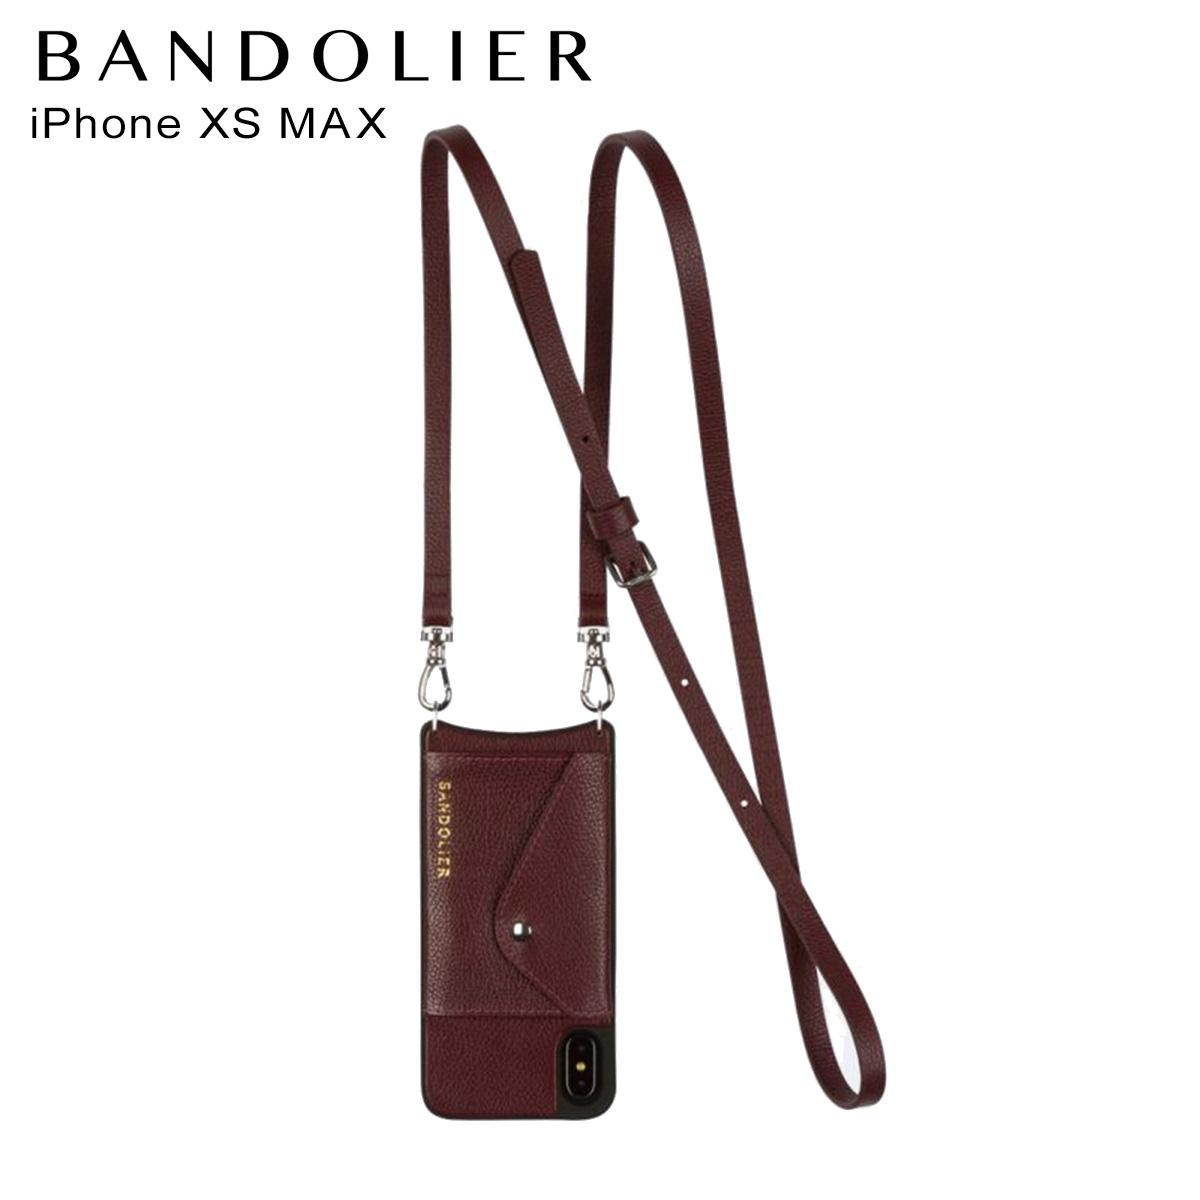 バンドリヤー BANDOLIER iPhone XS MAX ケース スマホ 携帯 レディース DONNA SIDE SLOT WINE ワイン 14don